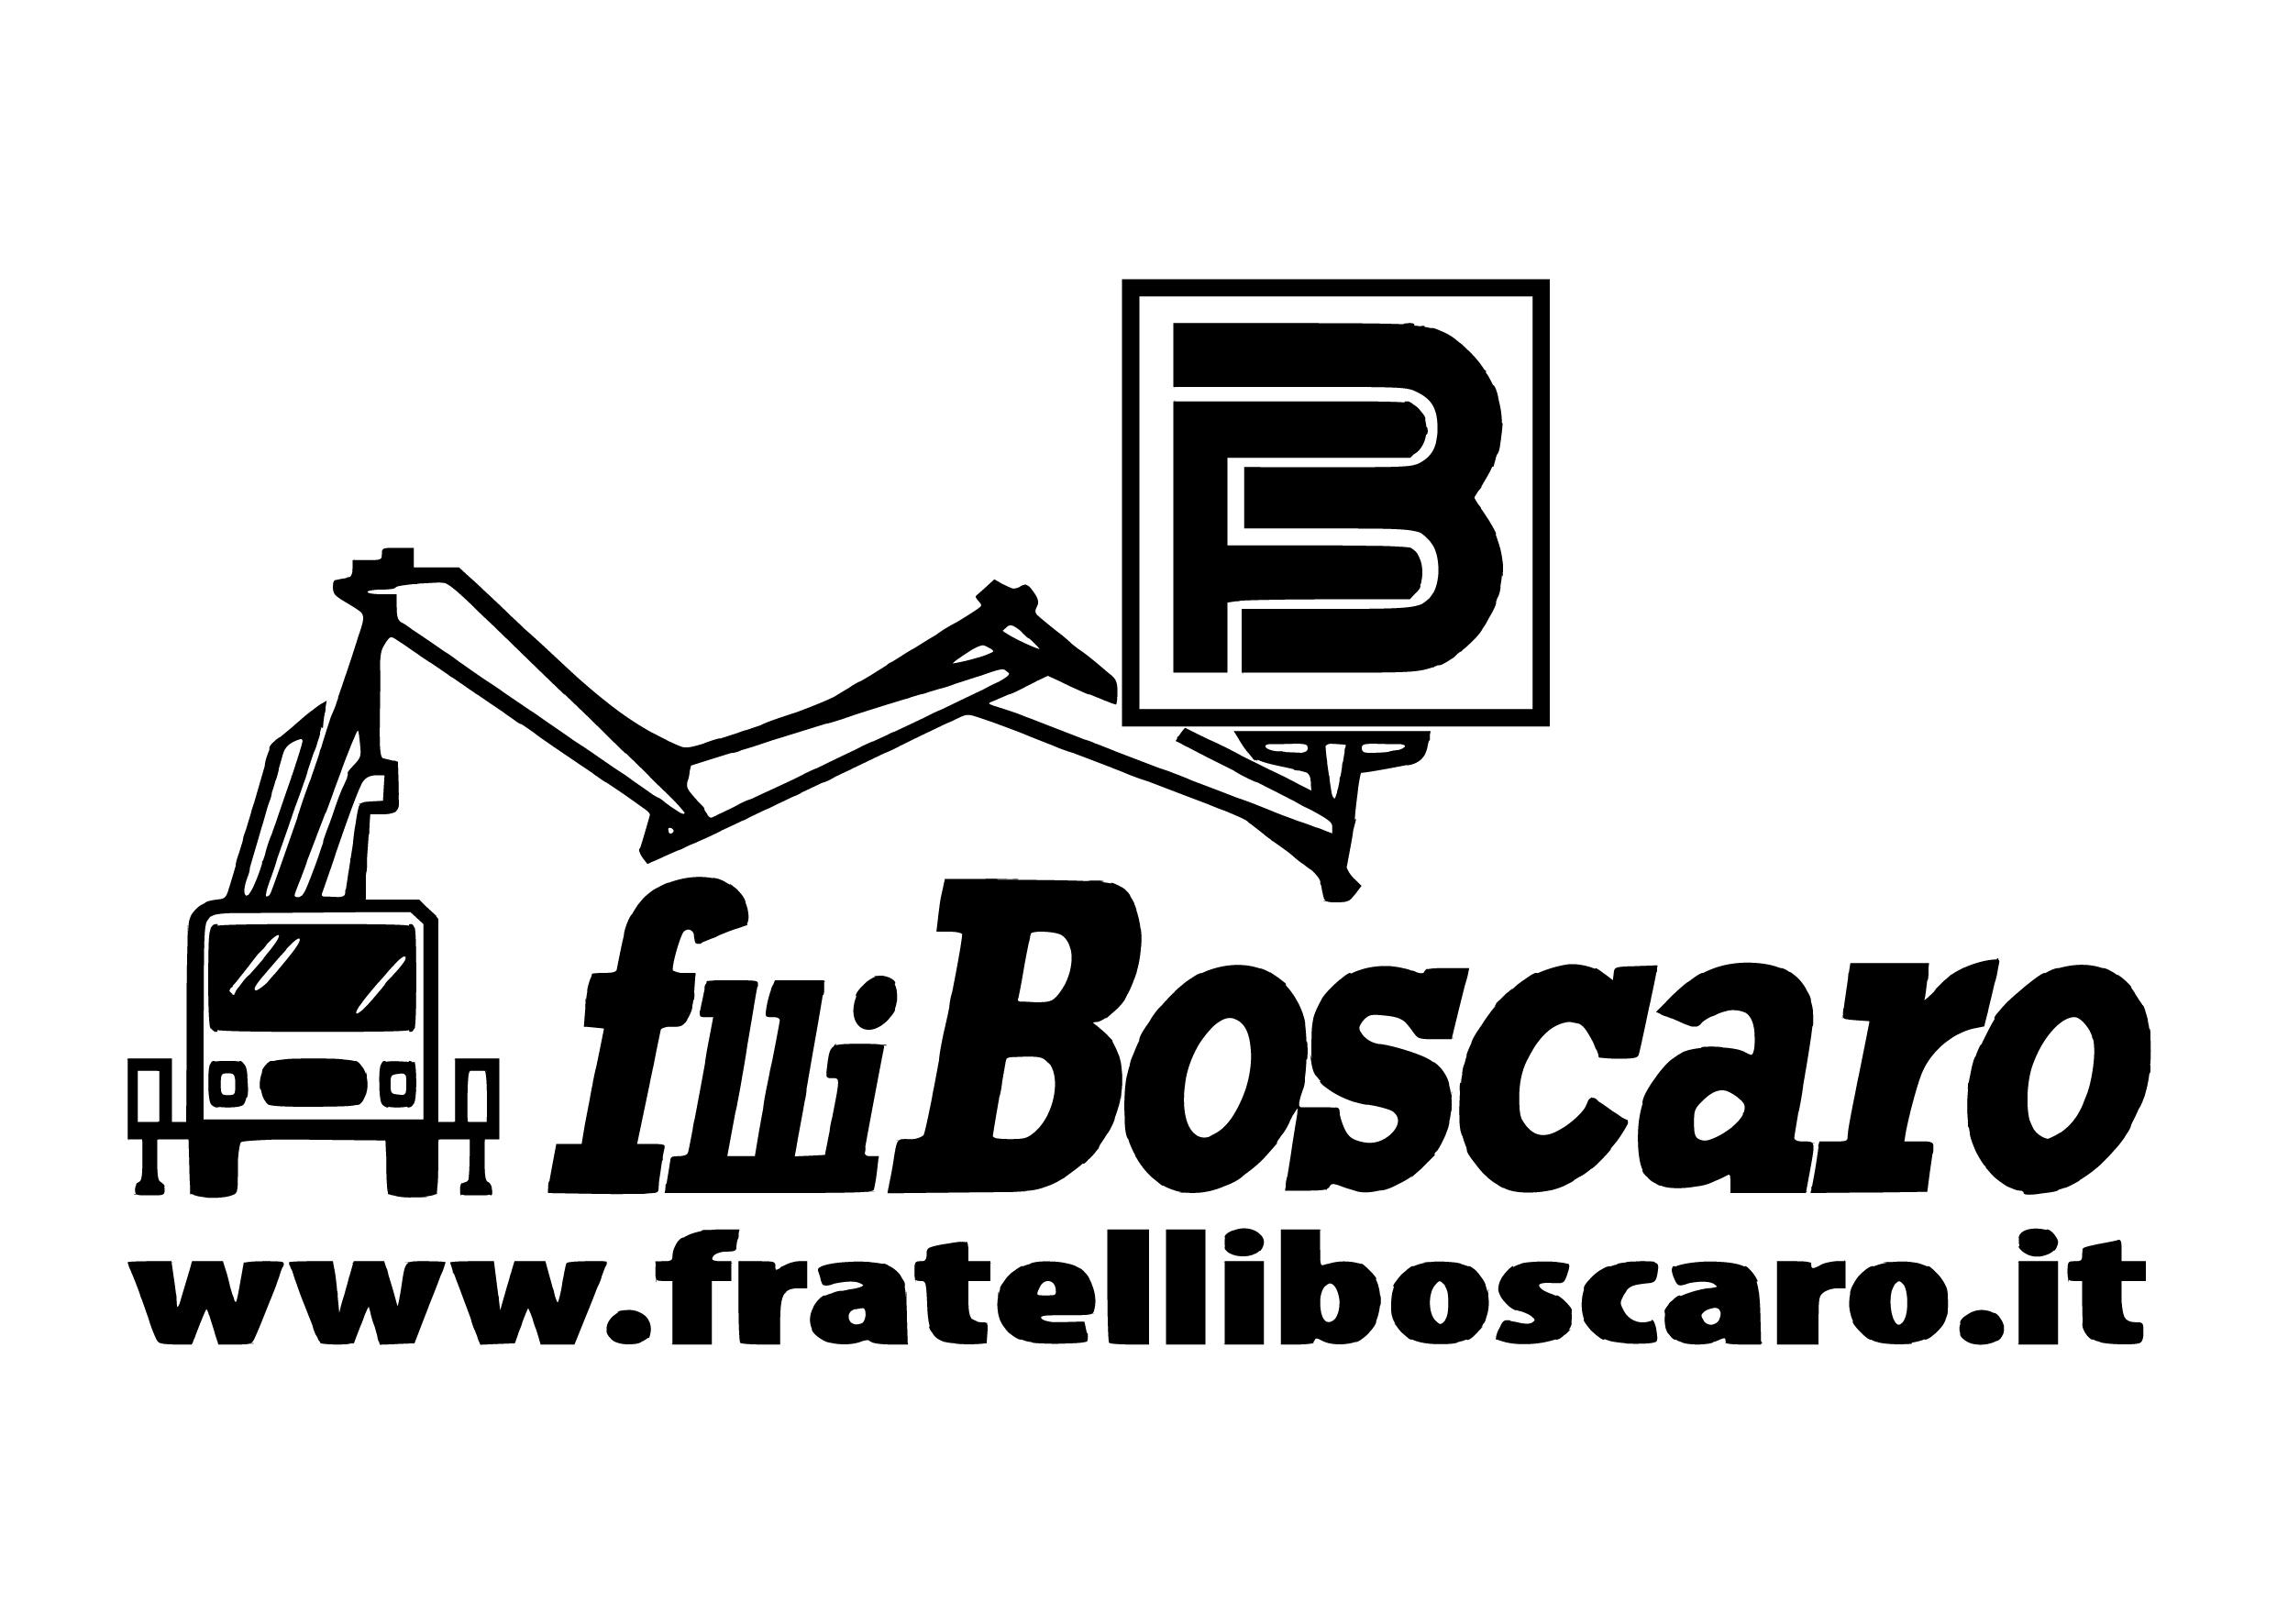 Fratelli Boscaro - Sponsor - Reload Soundfestival